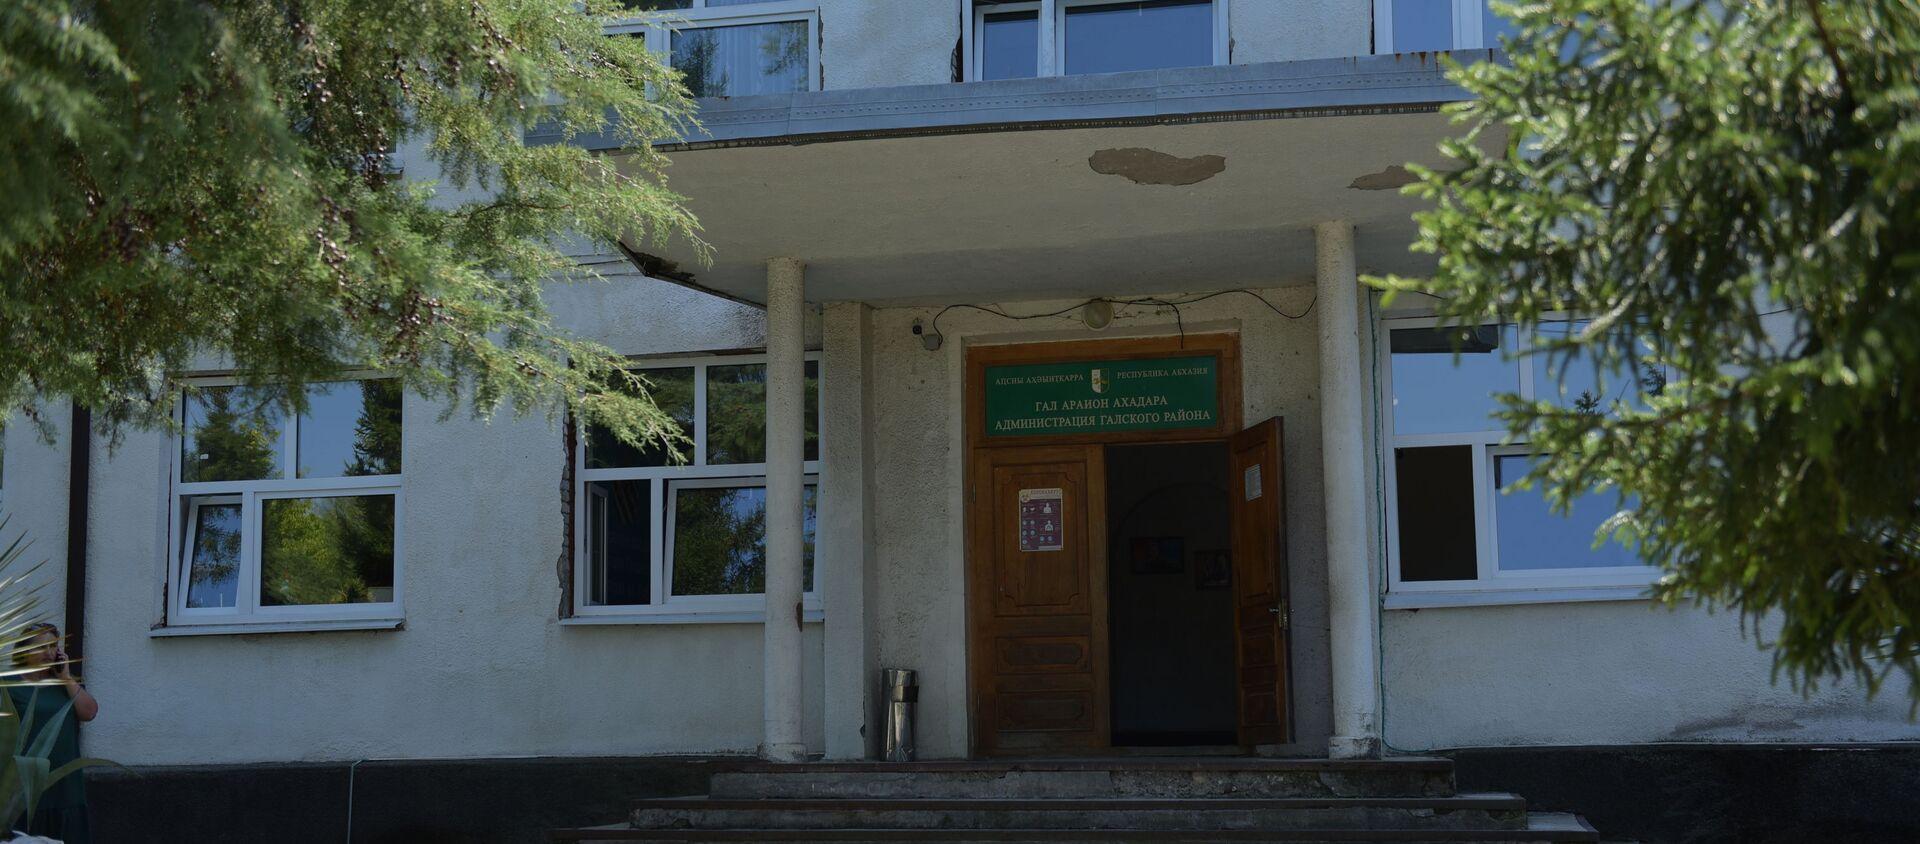 Администрания города Гал  - Sputnik Абхазия, 1920, 22.07.2021